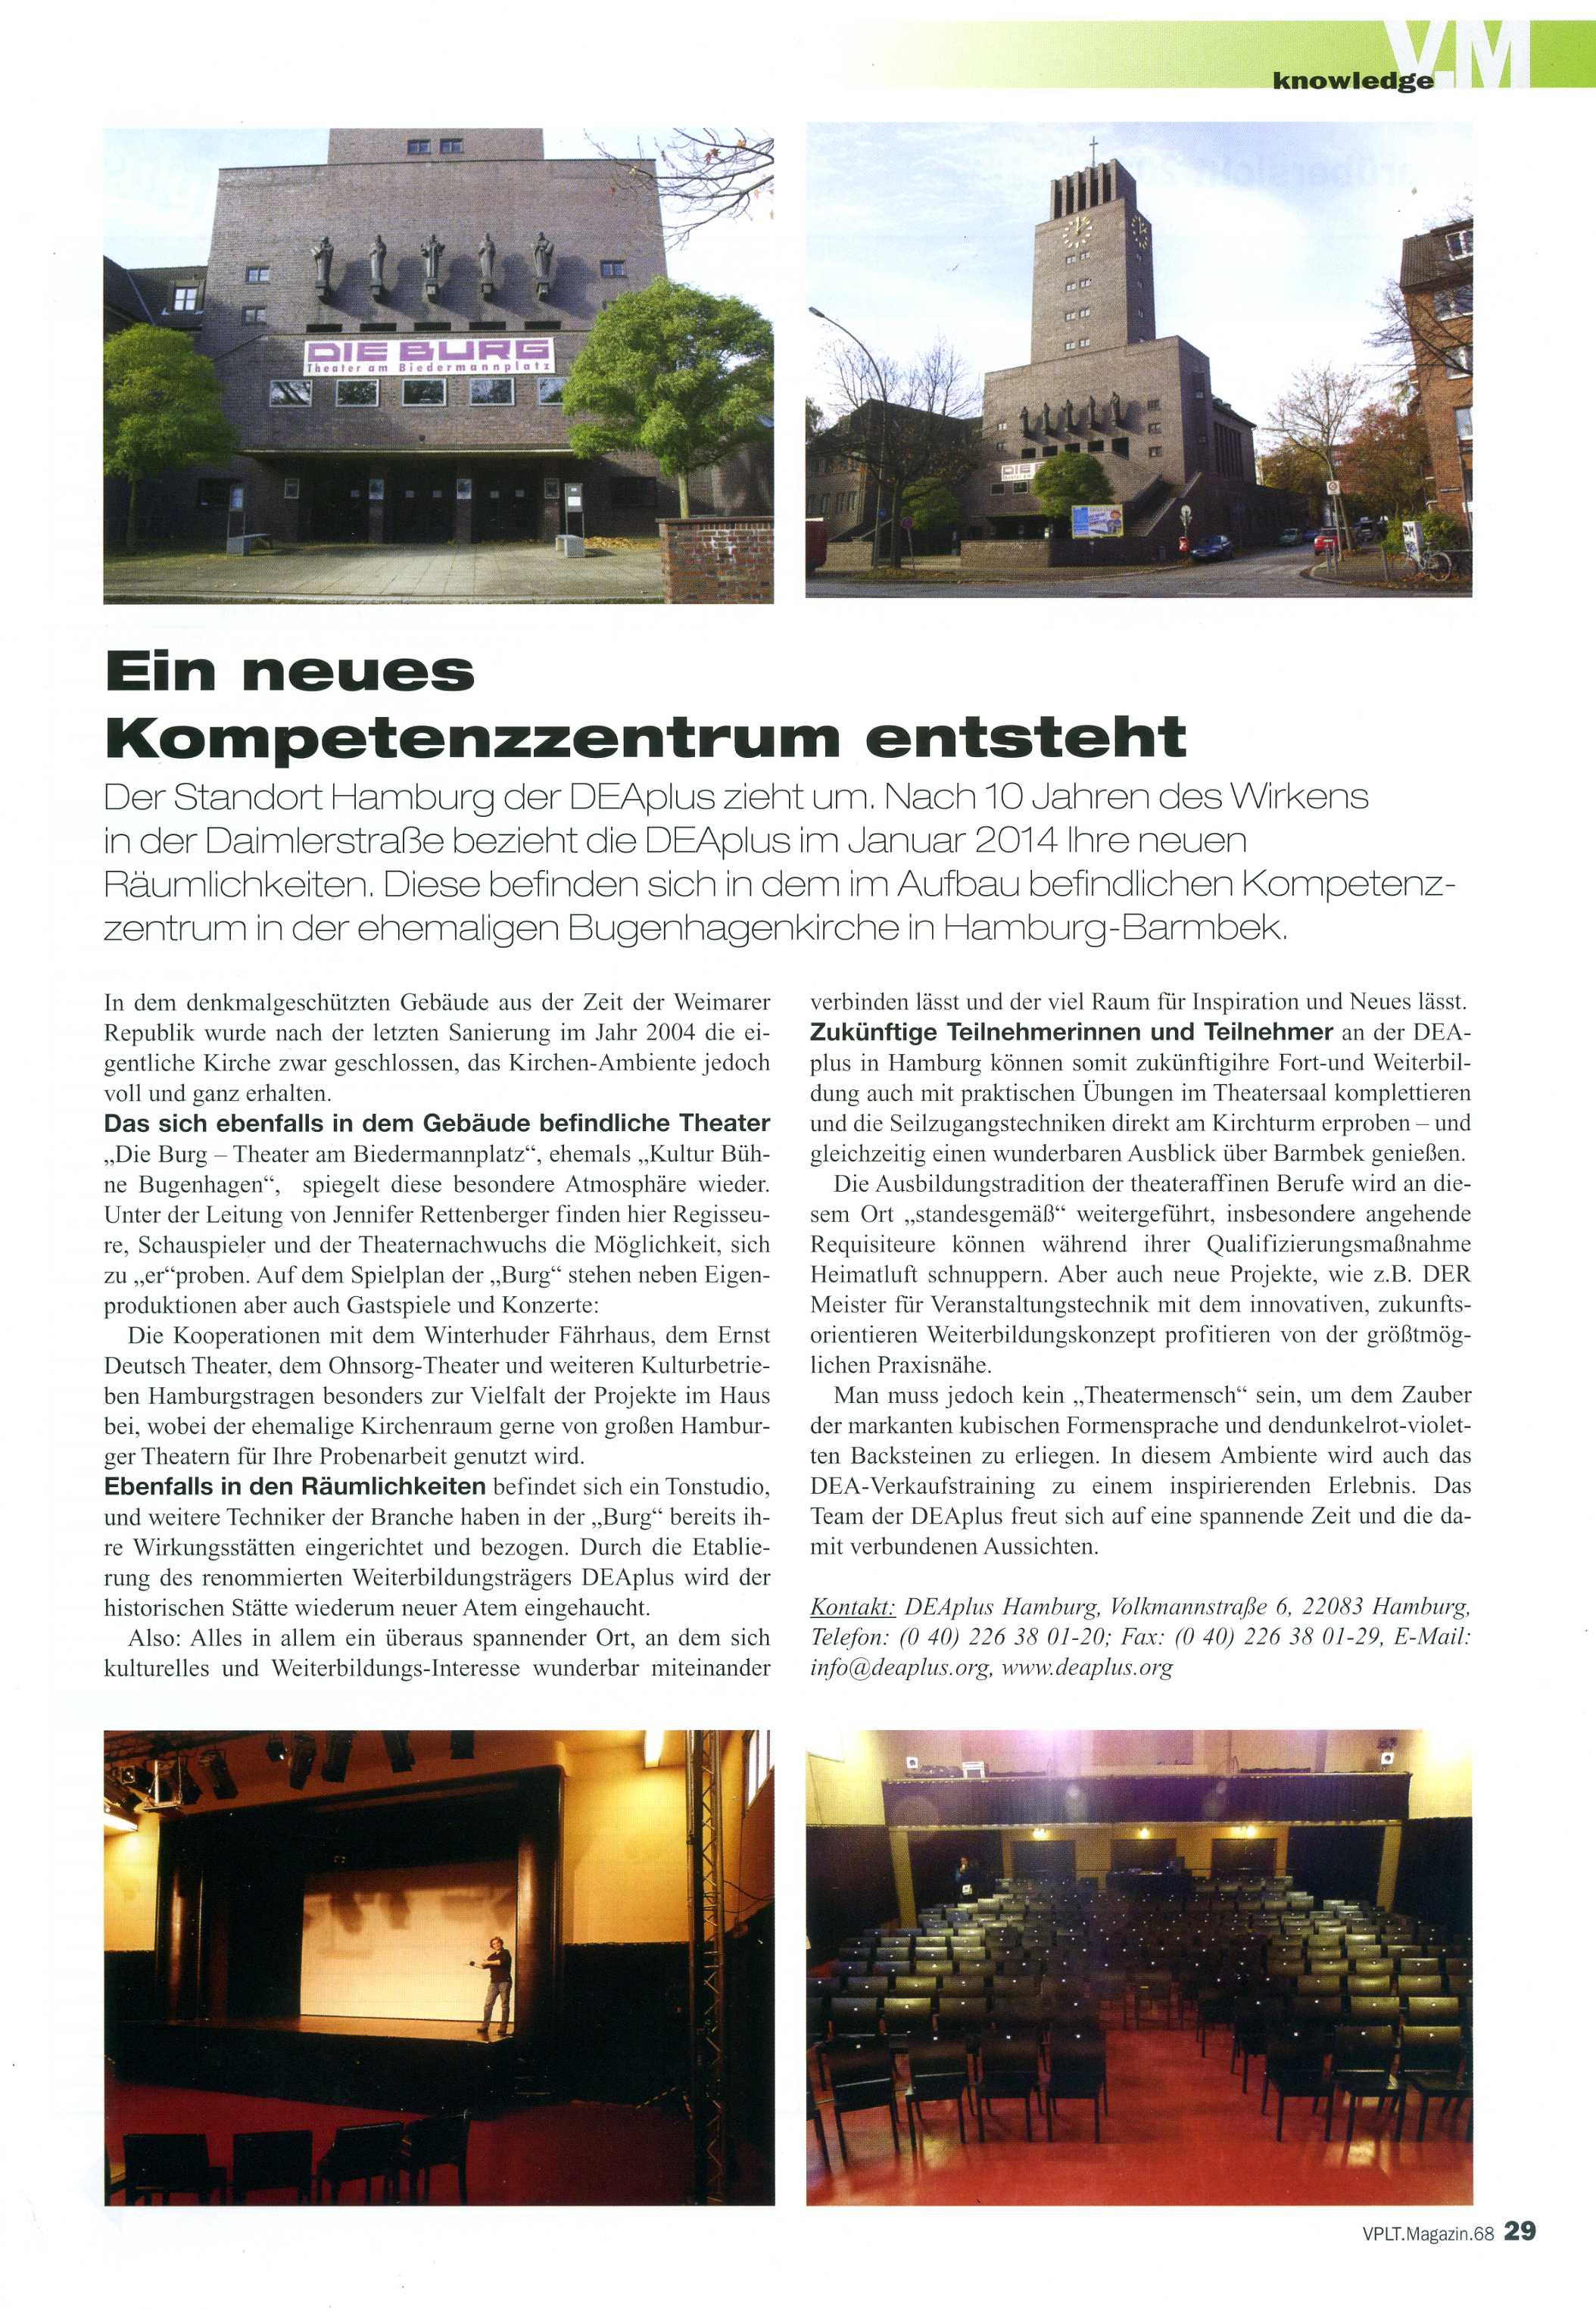 Ein Artikel über die BURG in der Verbandszeitung des VPLT